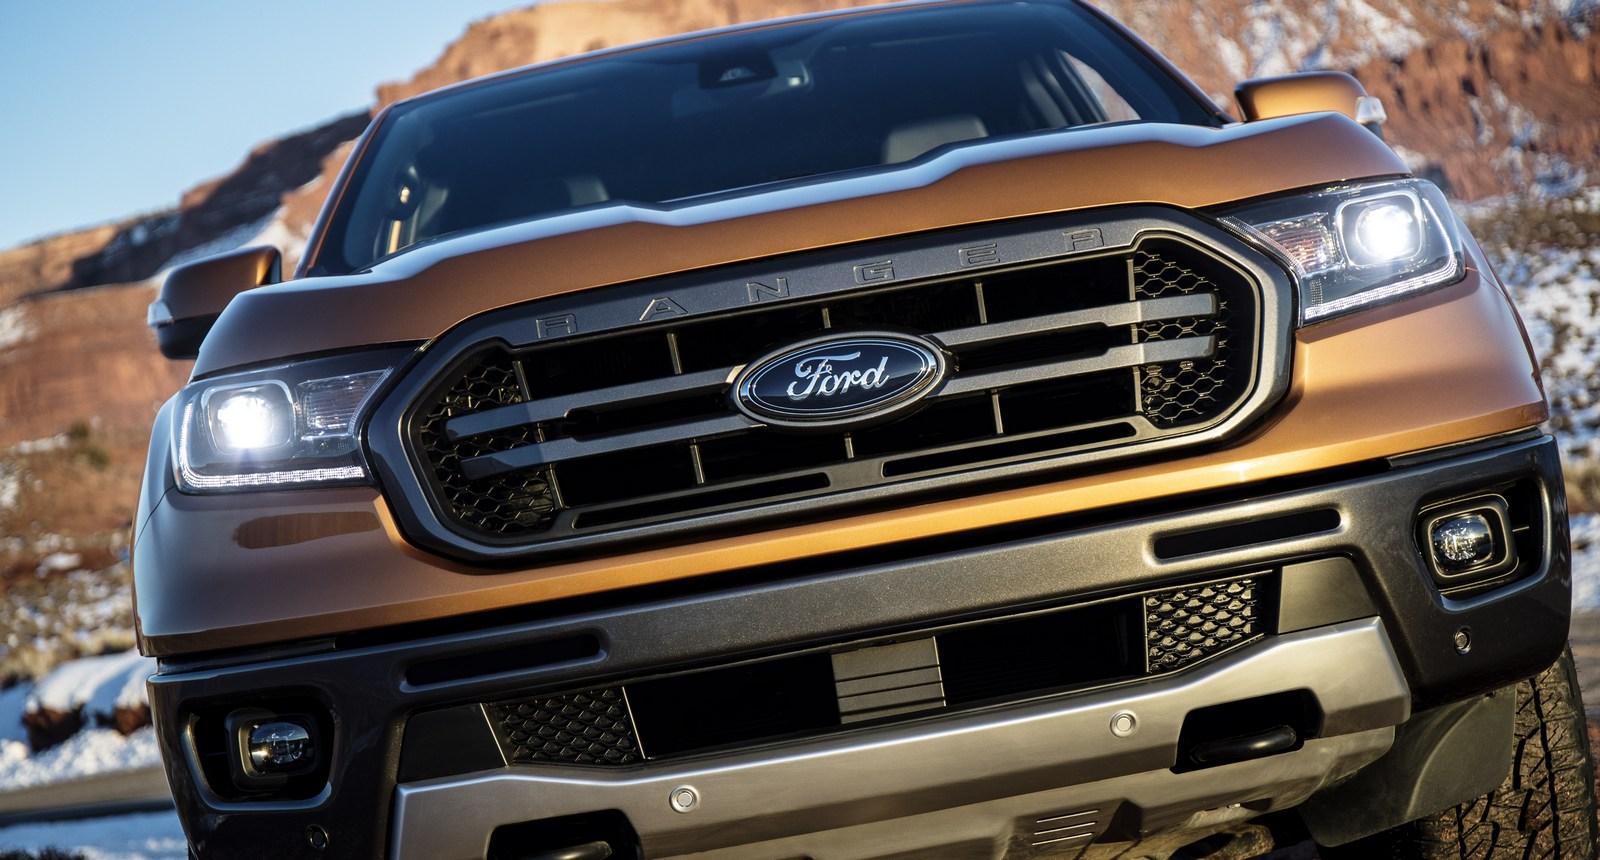 2019 ford ranger pickup truck revealed with 2 3 liter. Black Bedroom Furniture Sets. Home Design Ideas